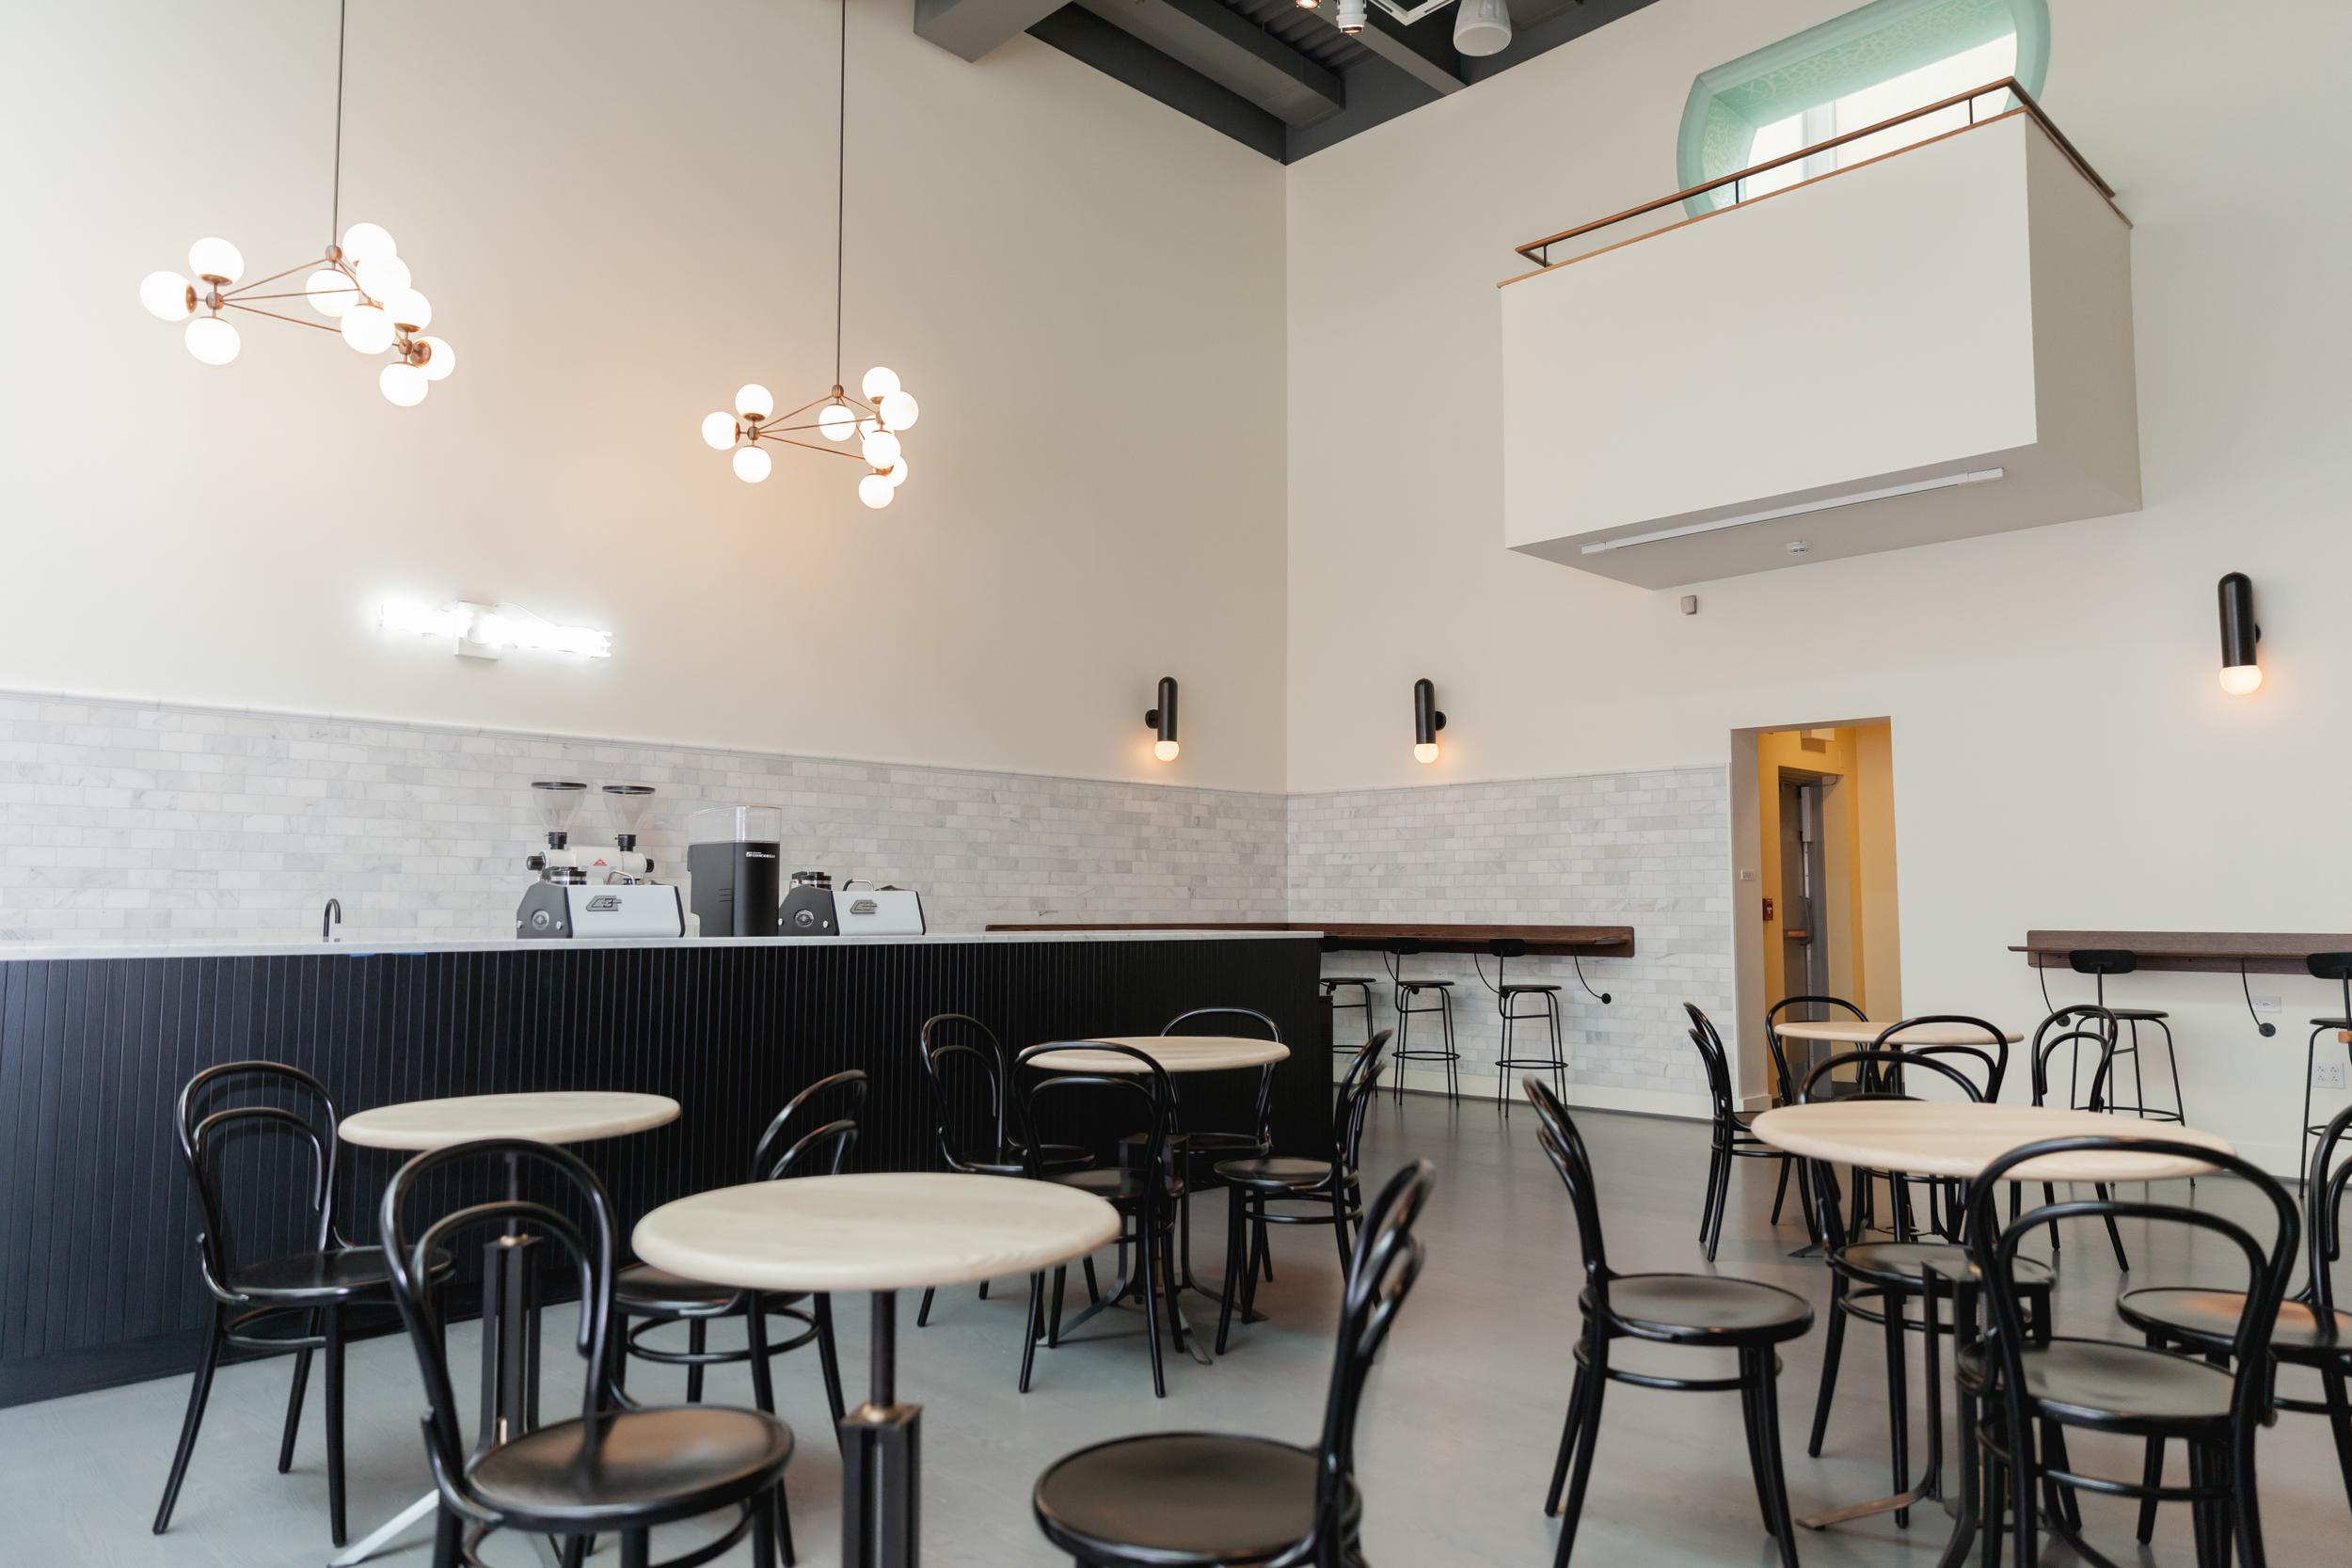 CafePearlBlanc-21.jpg